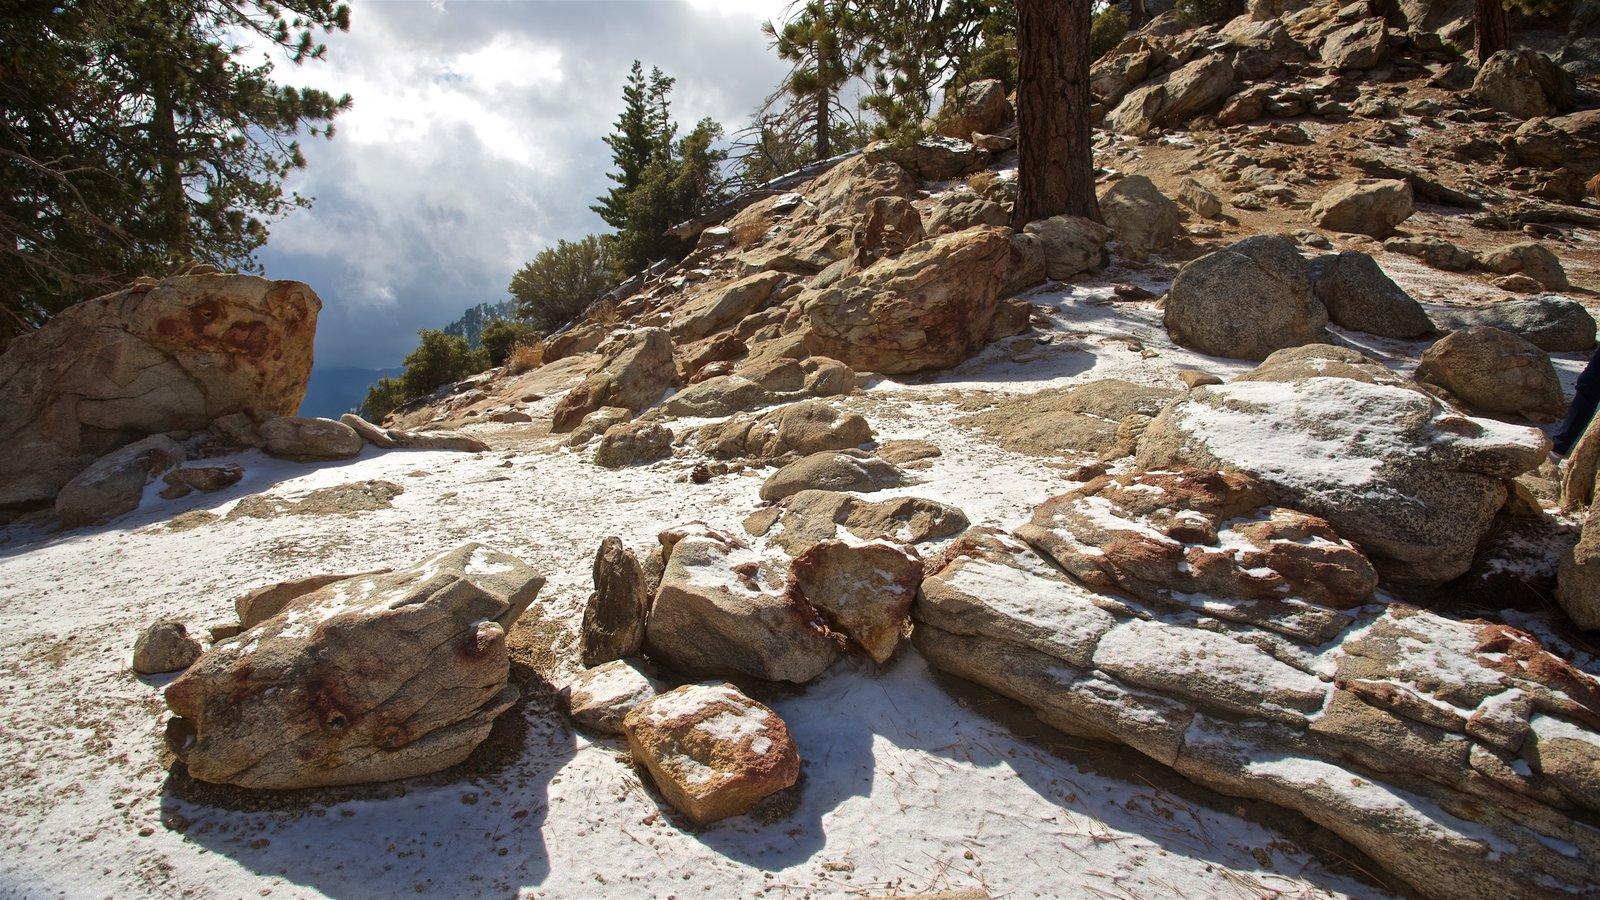 Parque estatal Mount San Jacinto que incluye escenas tranquilas y montañas